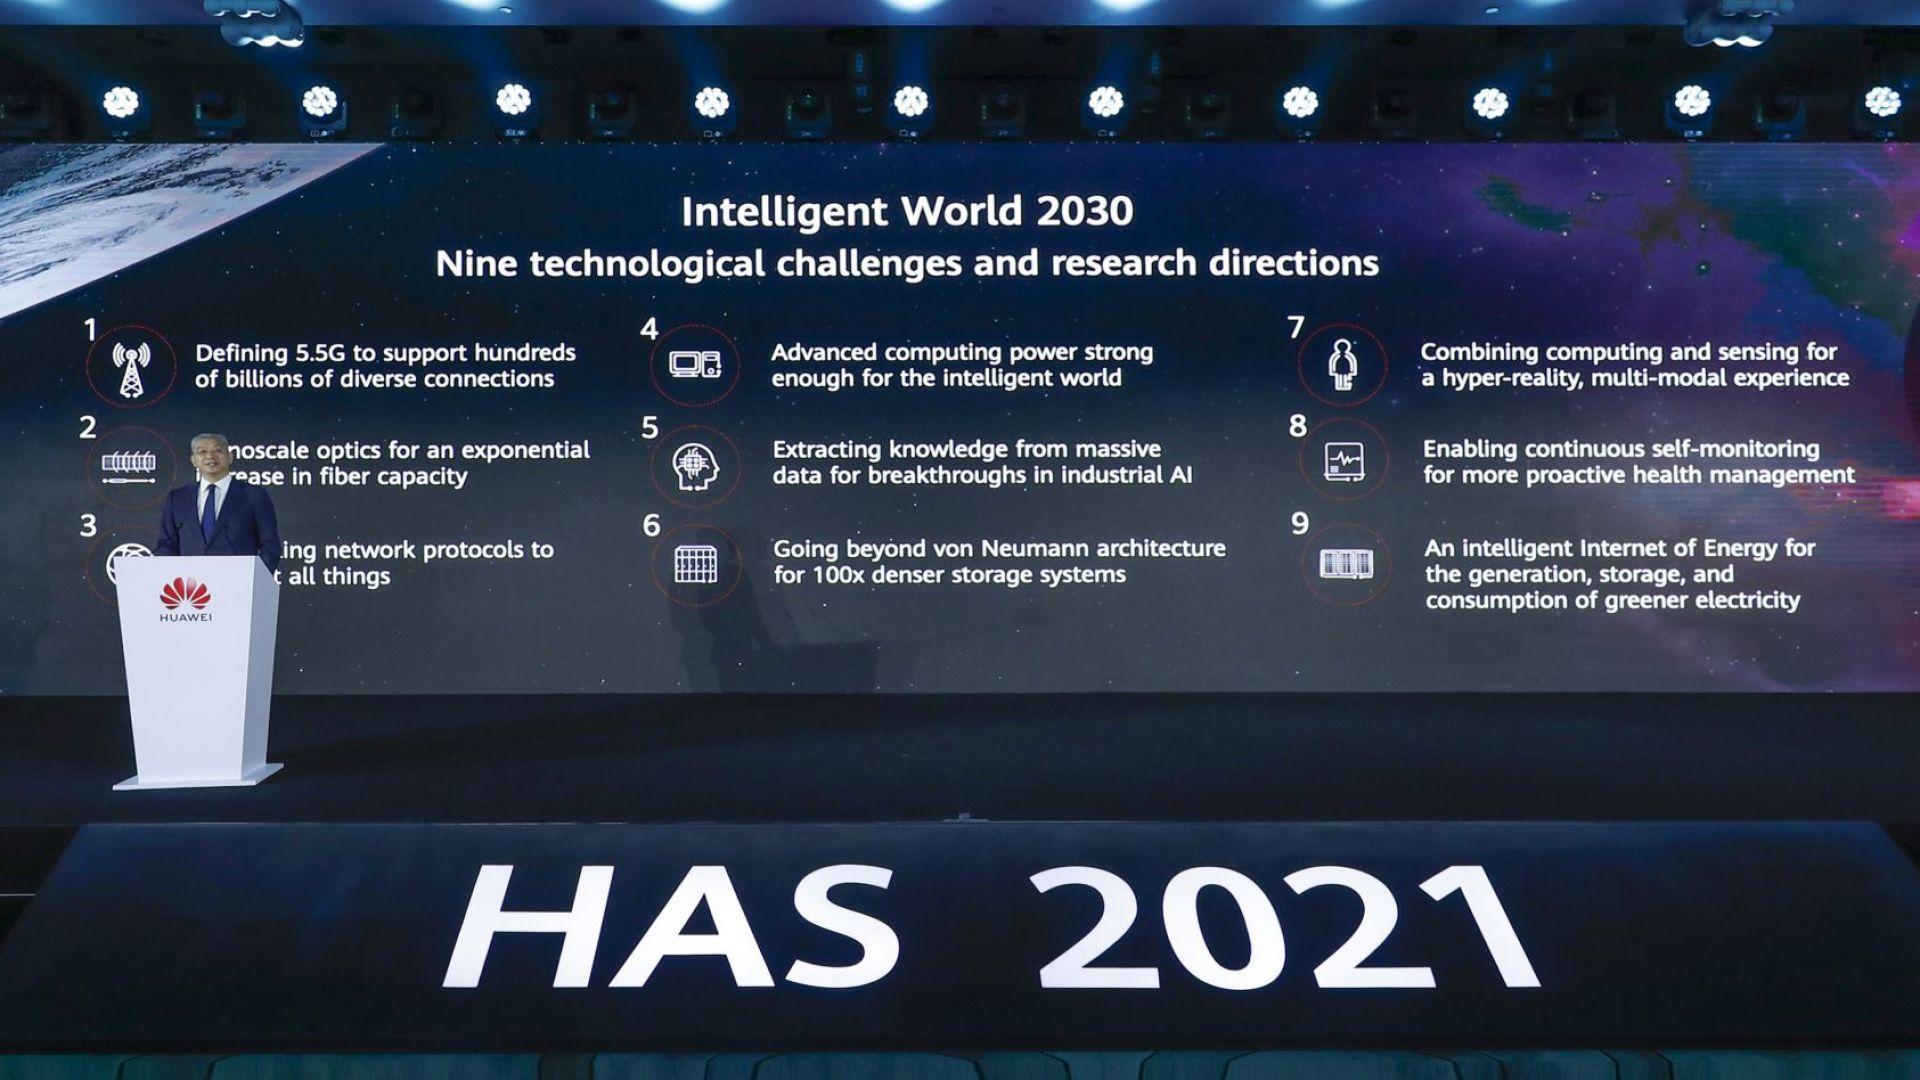 Huawei има амбициозни планове за развитие